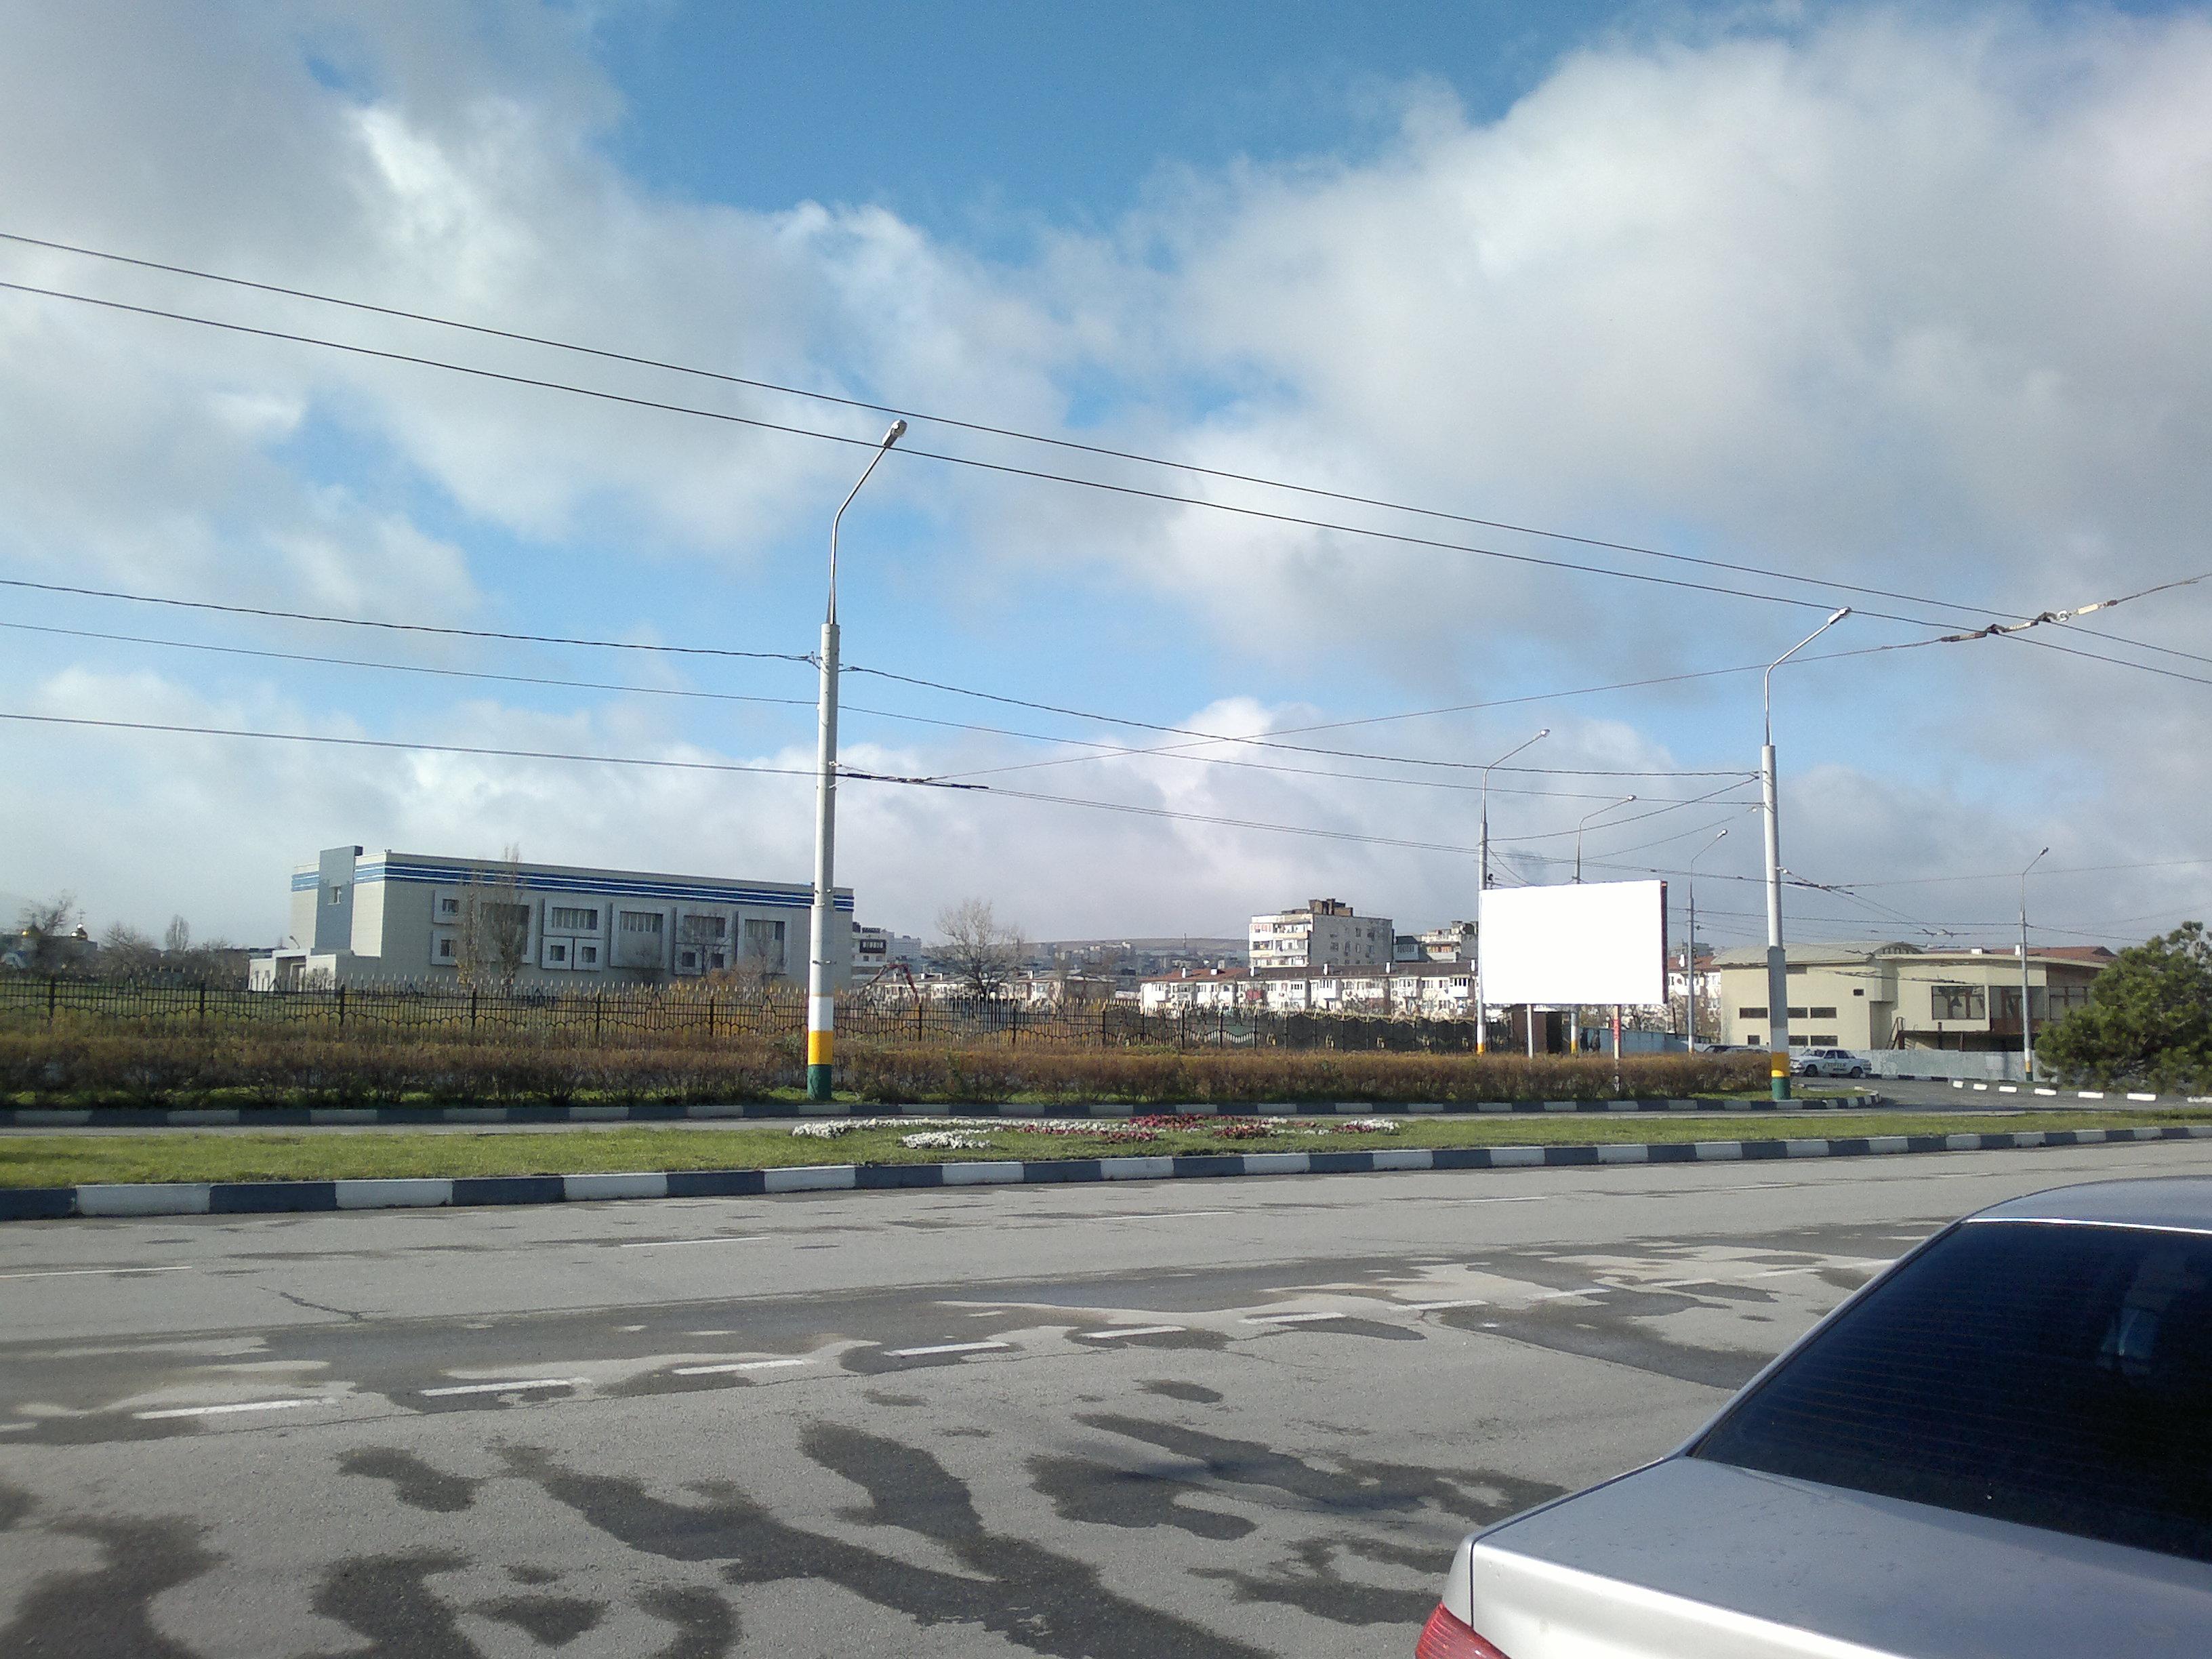 Краснодарский край г новороссийск найти работу